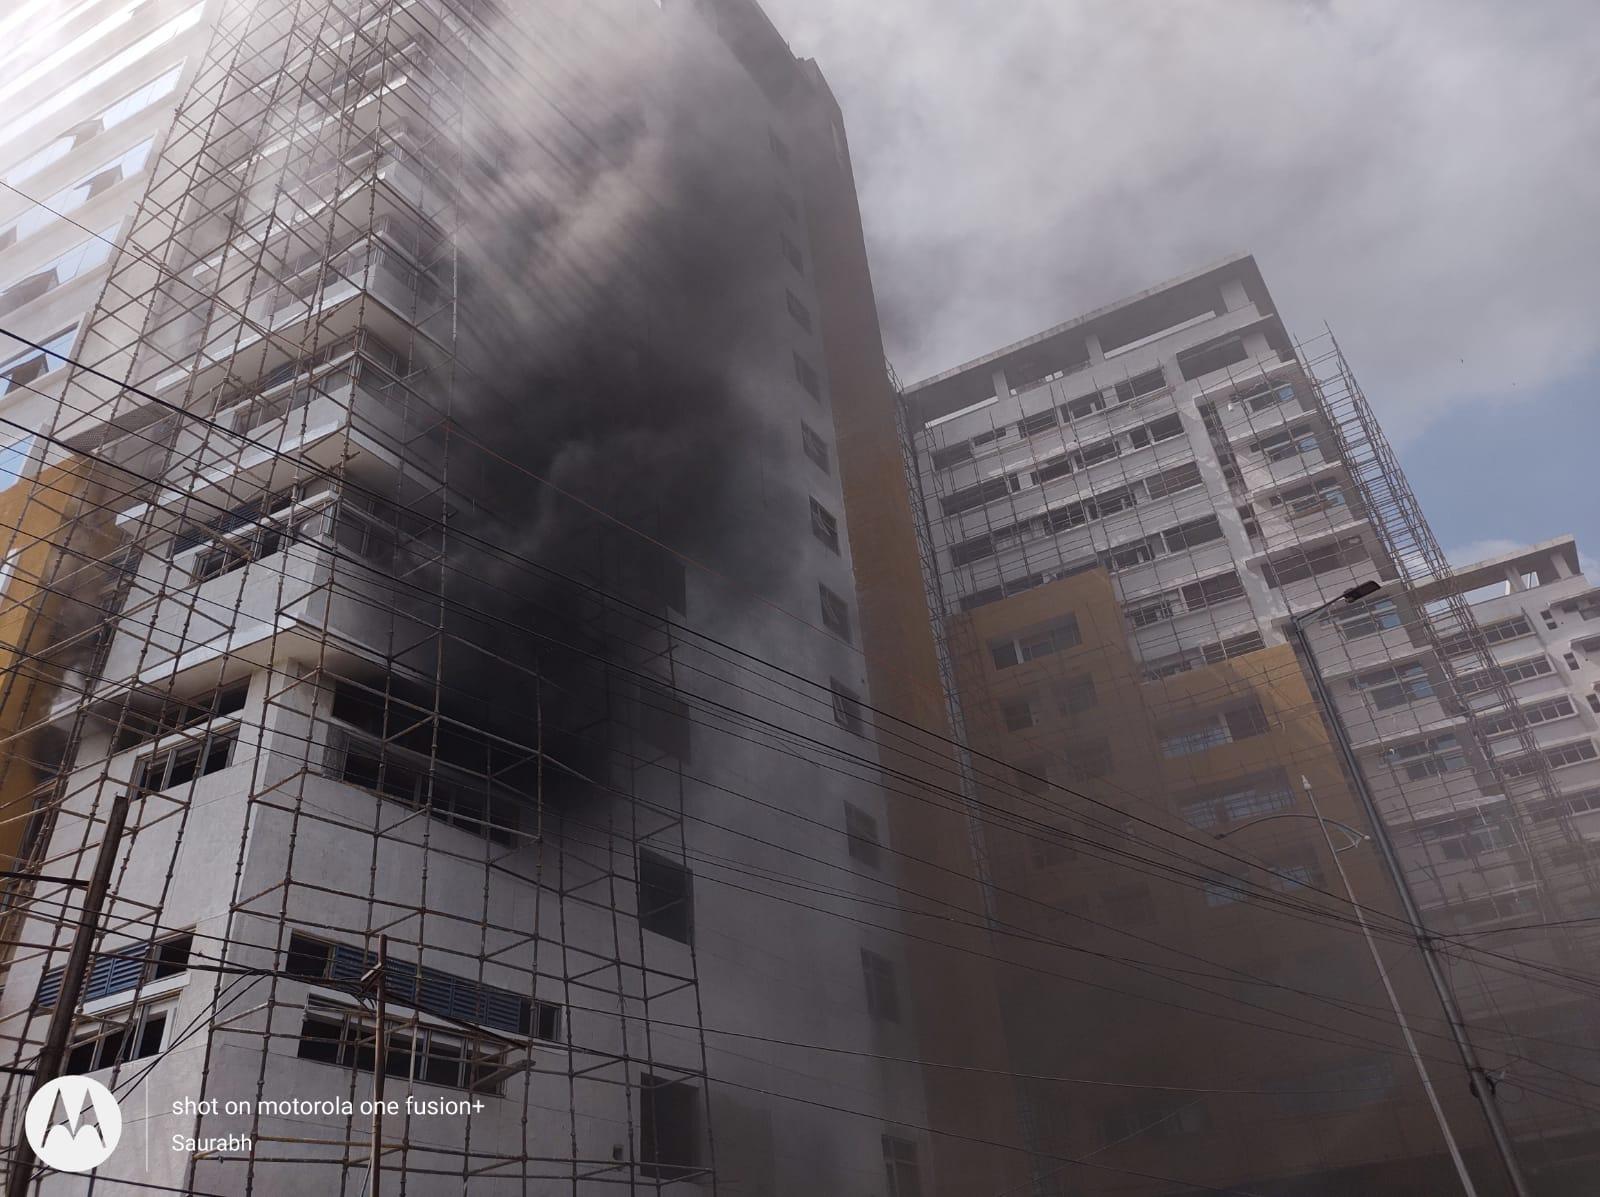 फायर ब्रिगेड की पांच गाड़ियों ने आग पर काबू पाया।